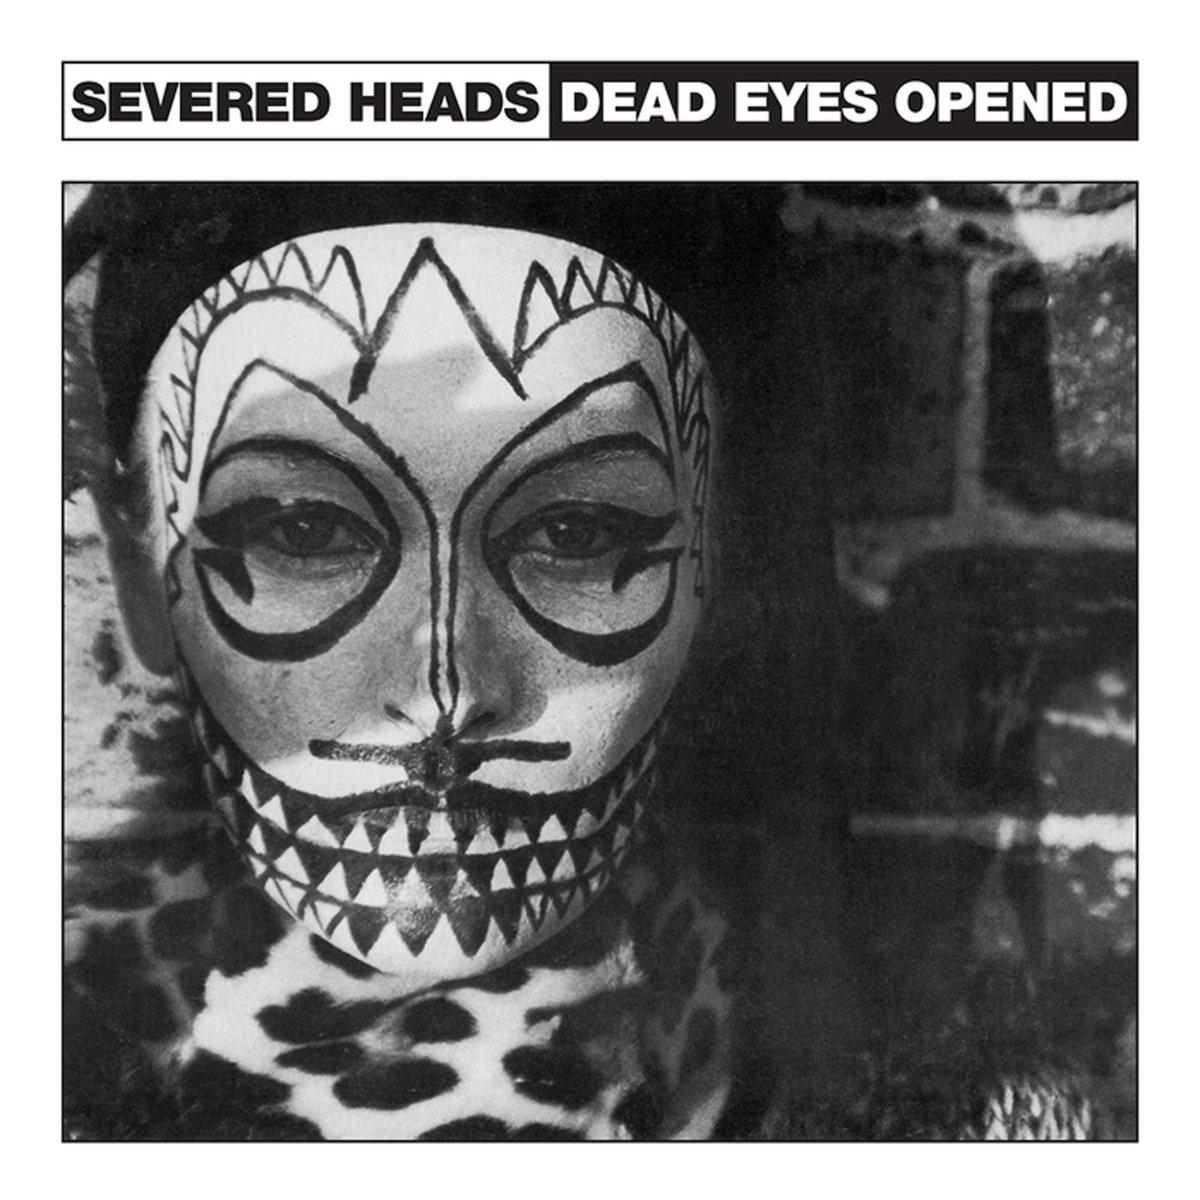 sh-dead-eyes-opened